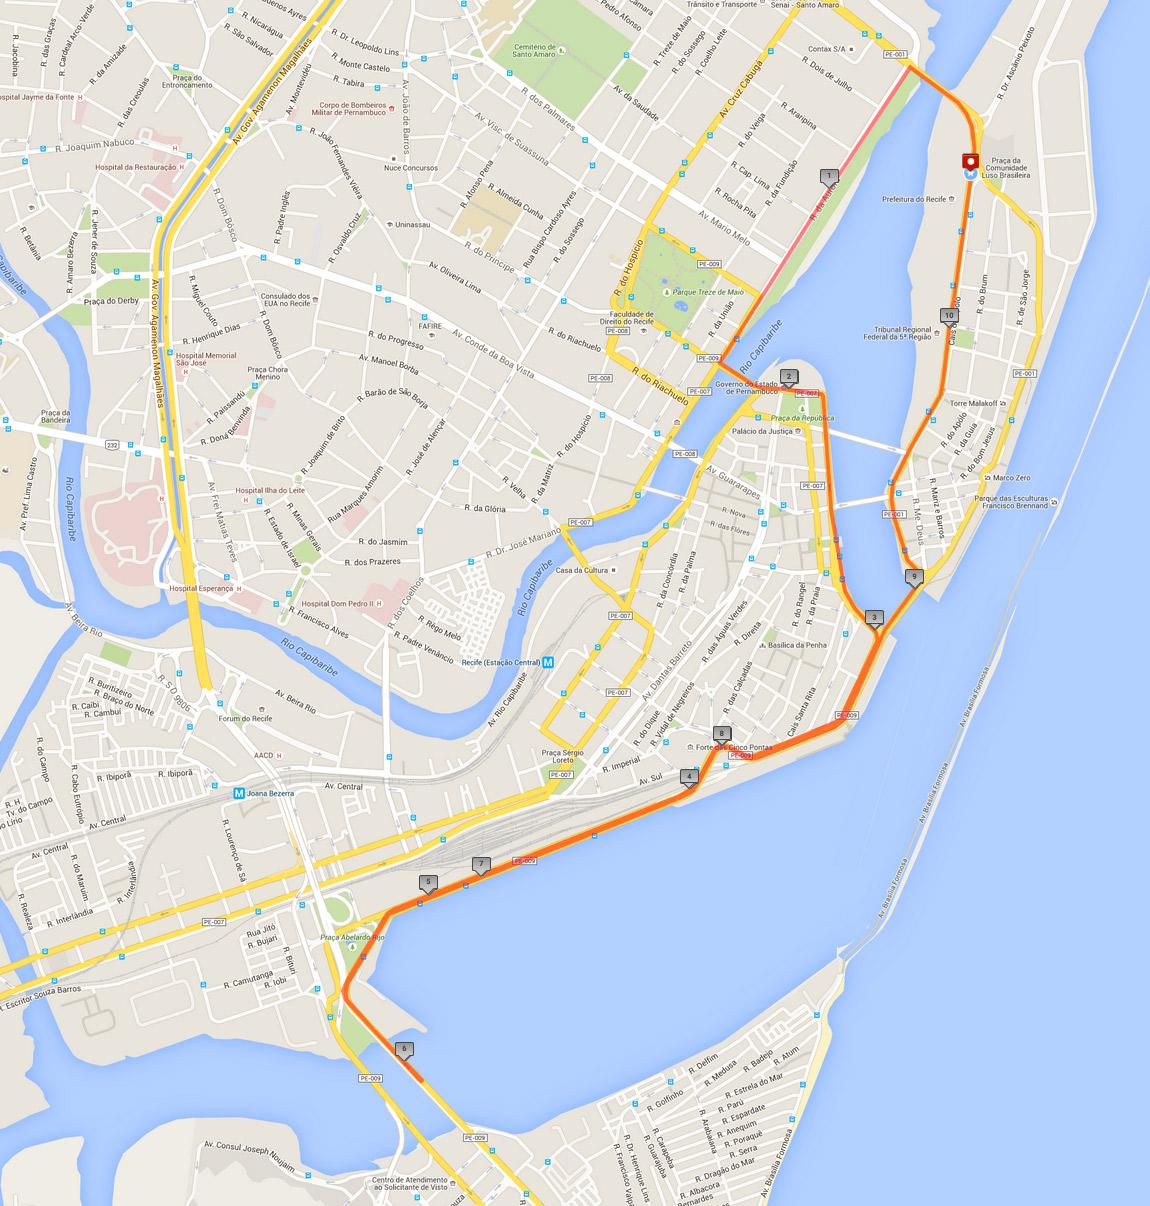 percurso-meia-maratona-caixa-do-recife